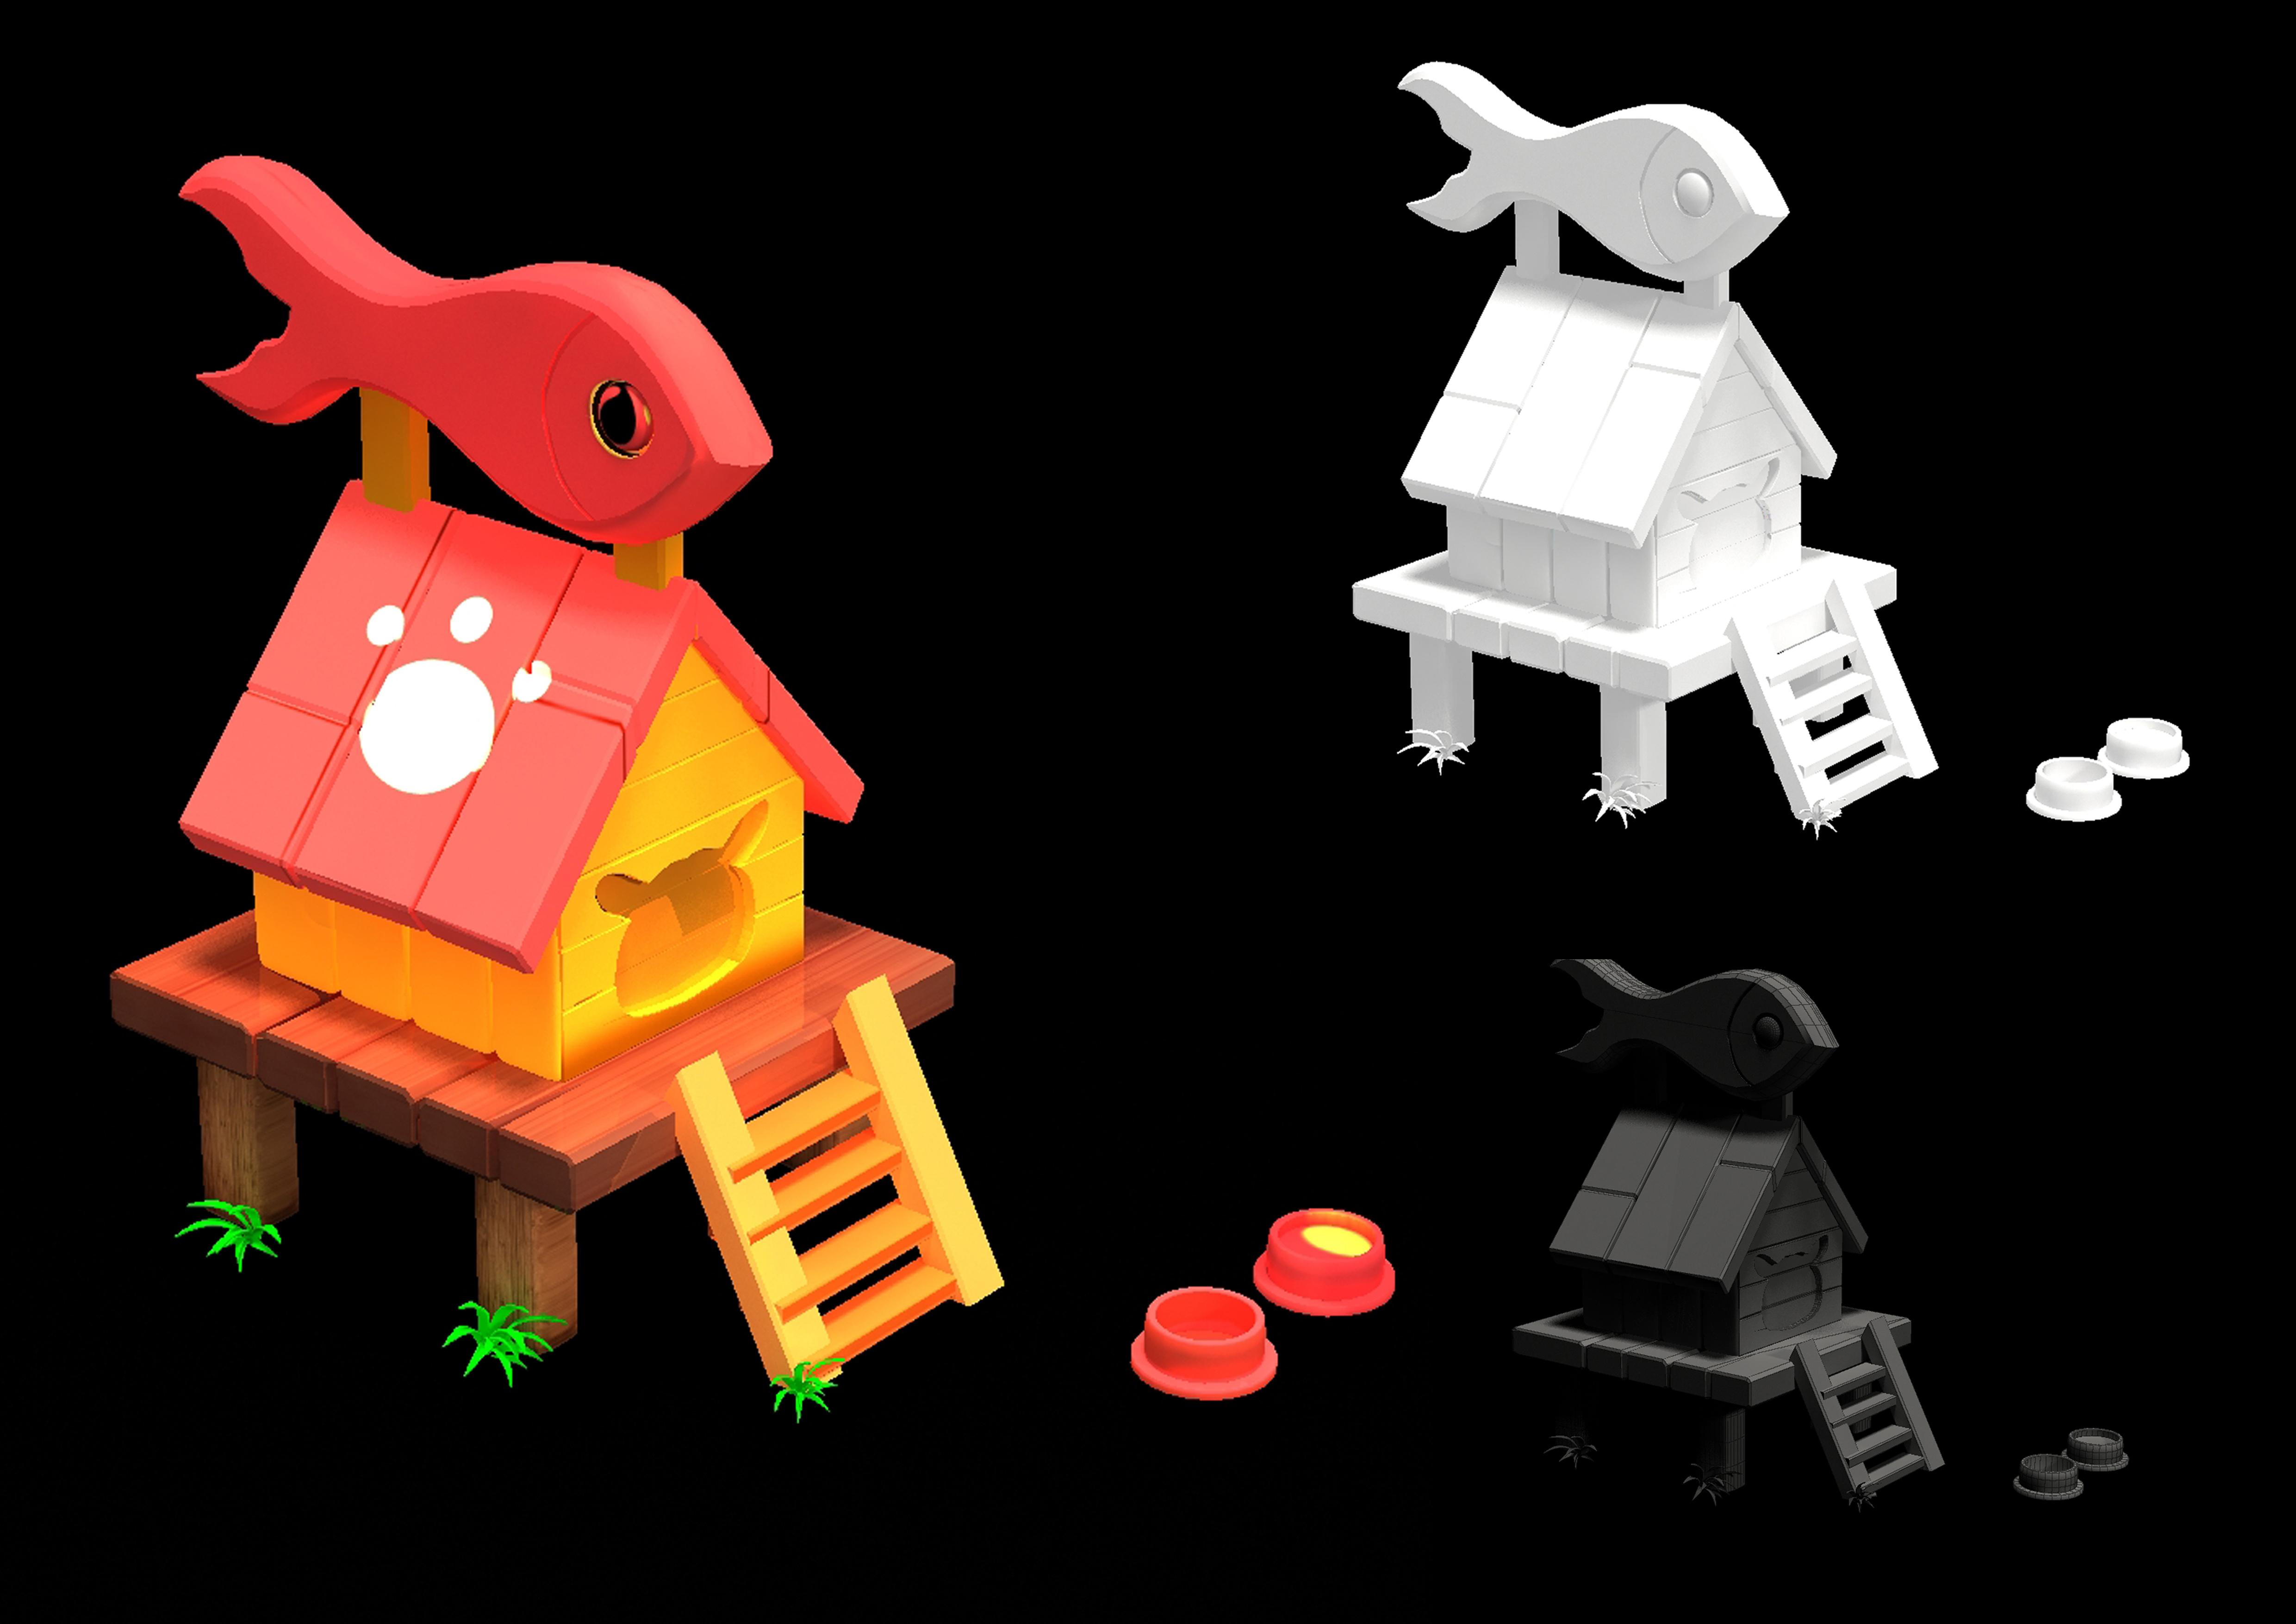 手绘建筑|插画|游戏原画|风会记得花的香 - 原创作品